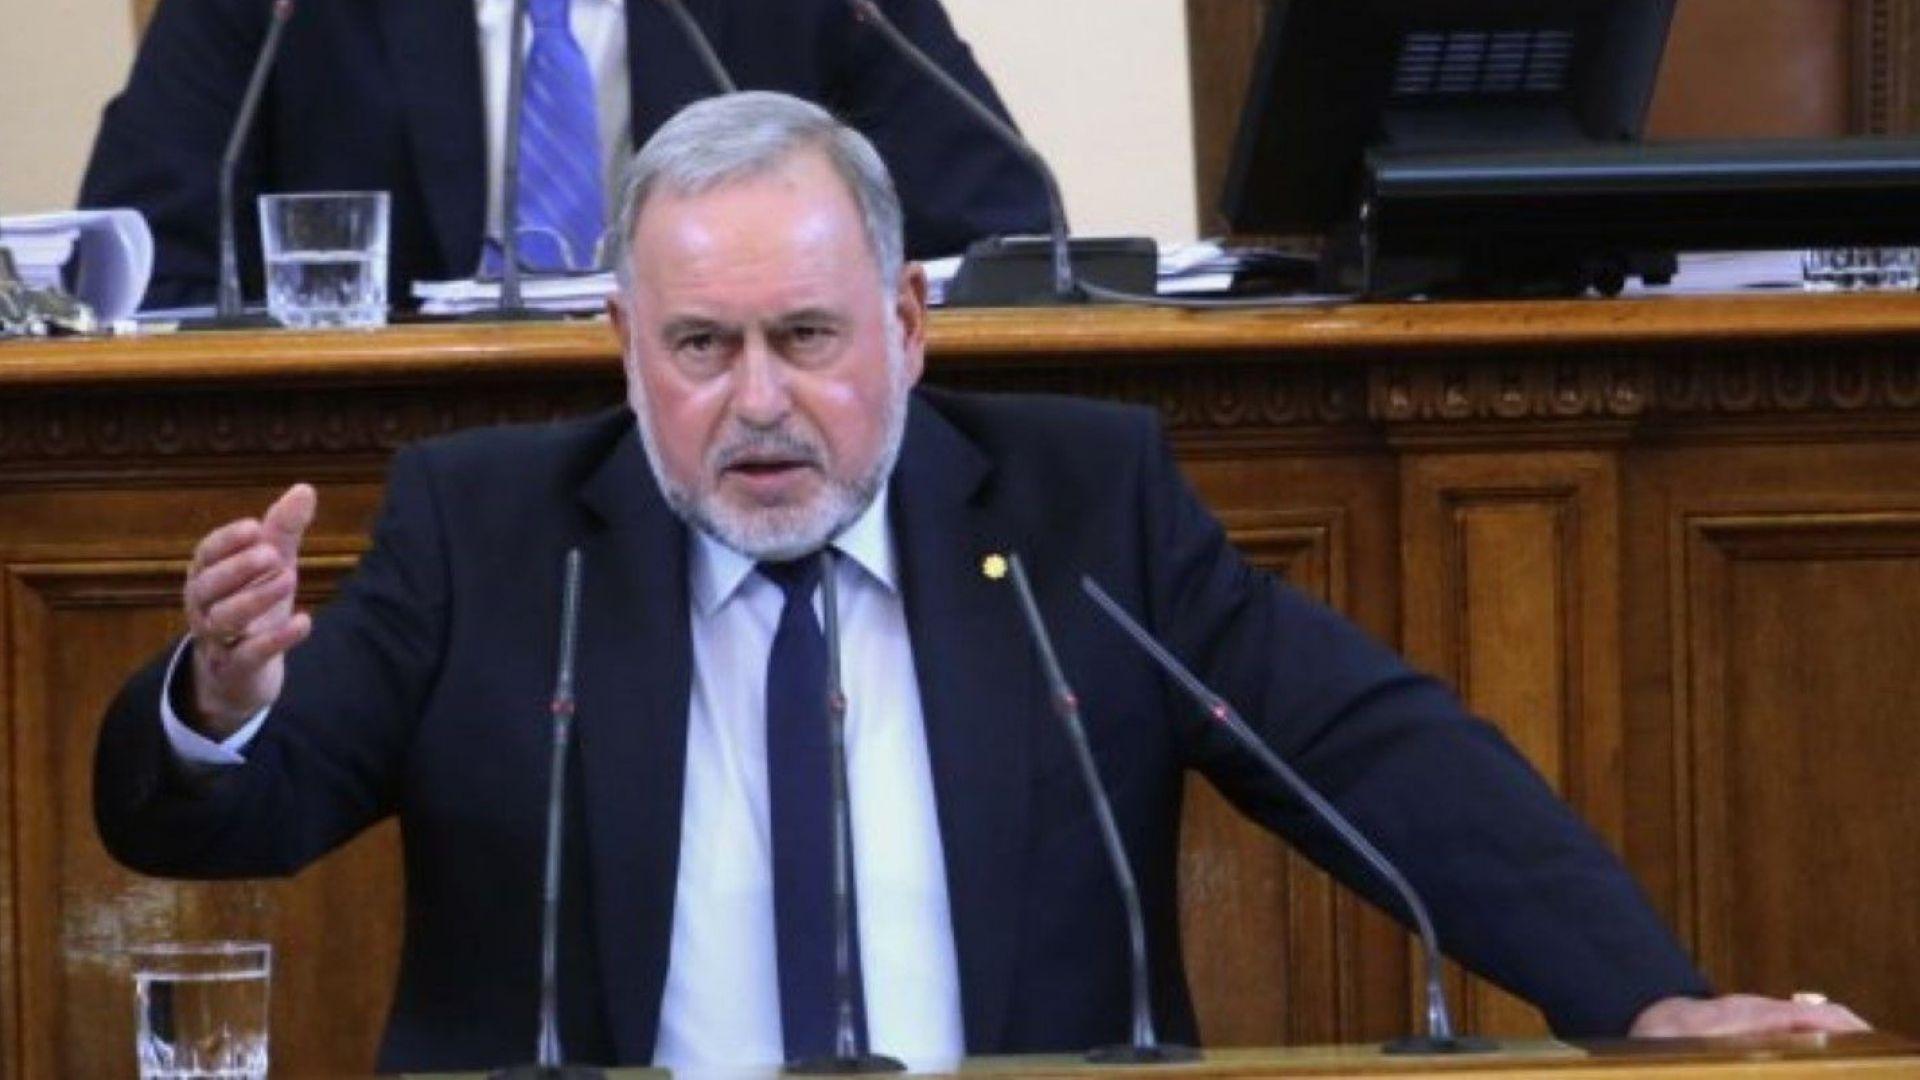 Славчо Велков за офертите за изтребители: При такива сделки винаги има опити за лобизъм